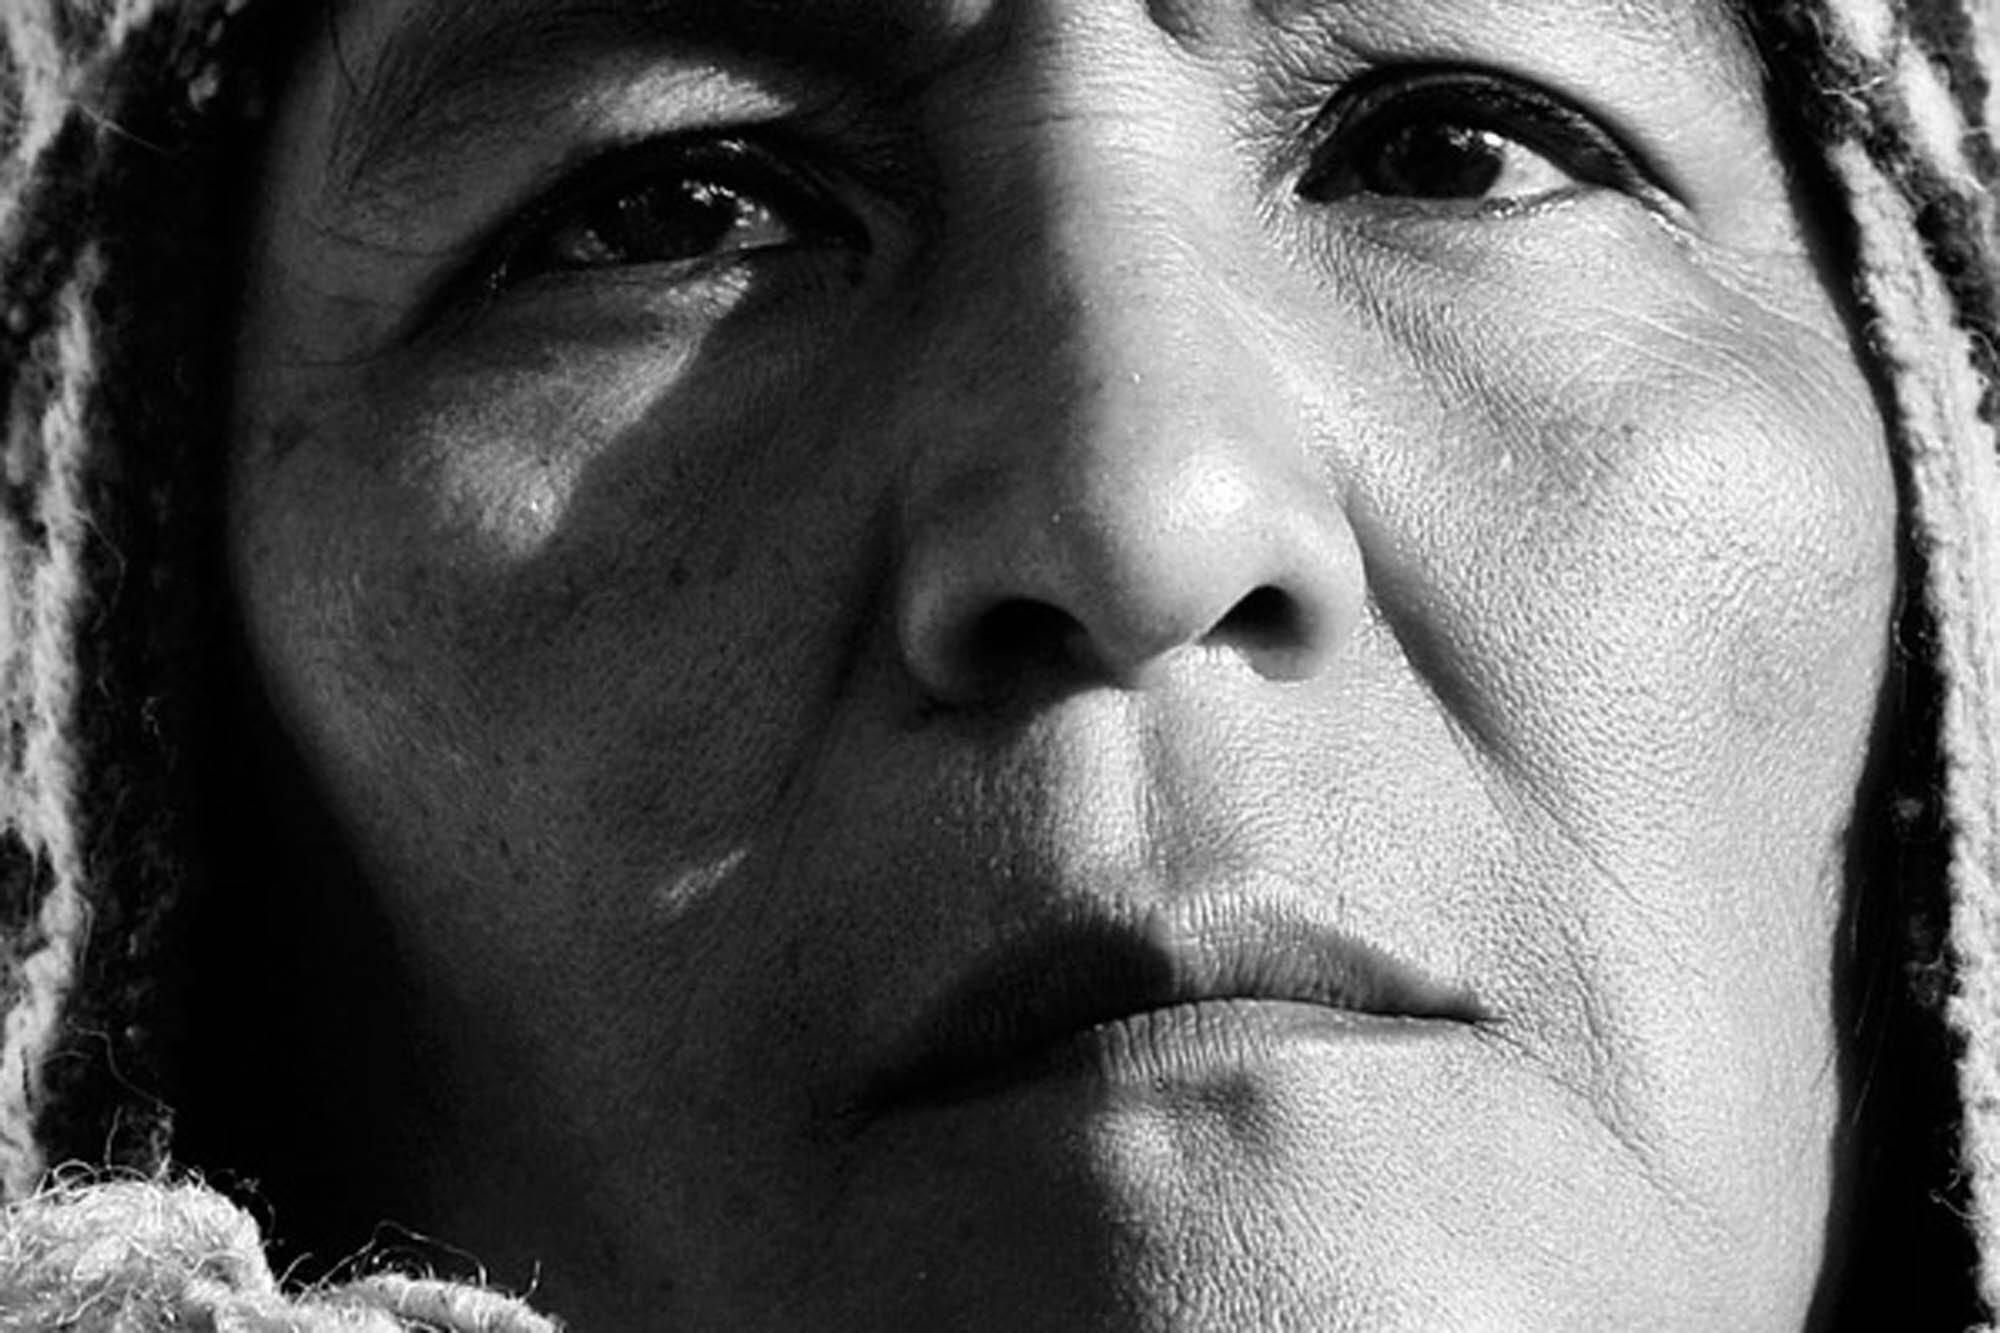 Hoy se cumplen dos años de la privación ilegítima de la libertad de Milagro Sala, presa política. https://t.co/plr4iVLySE